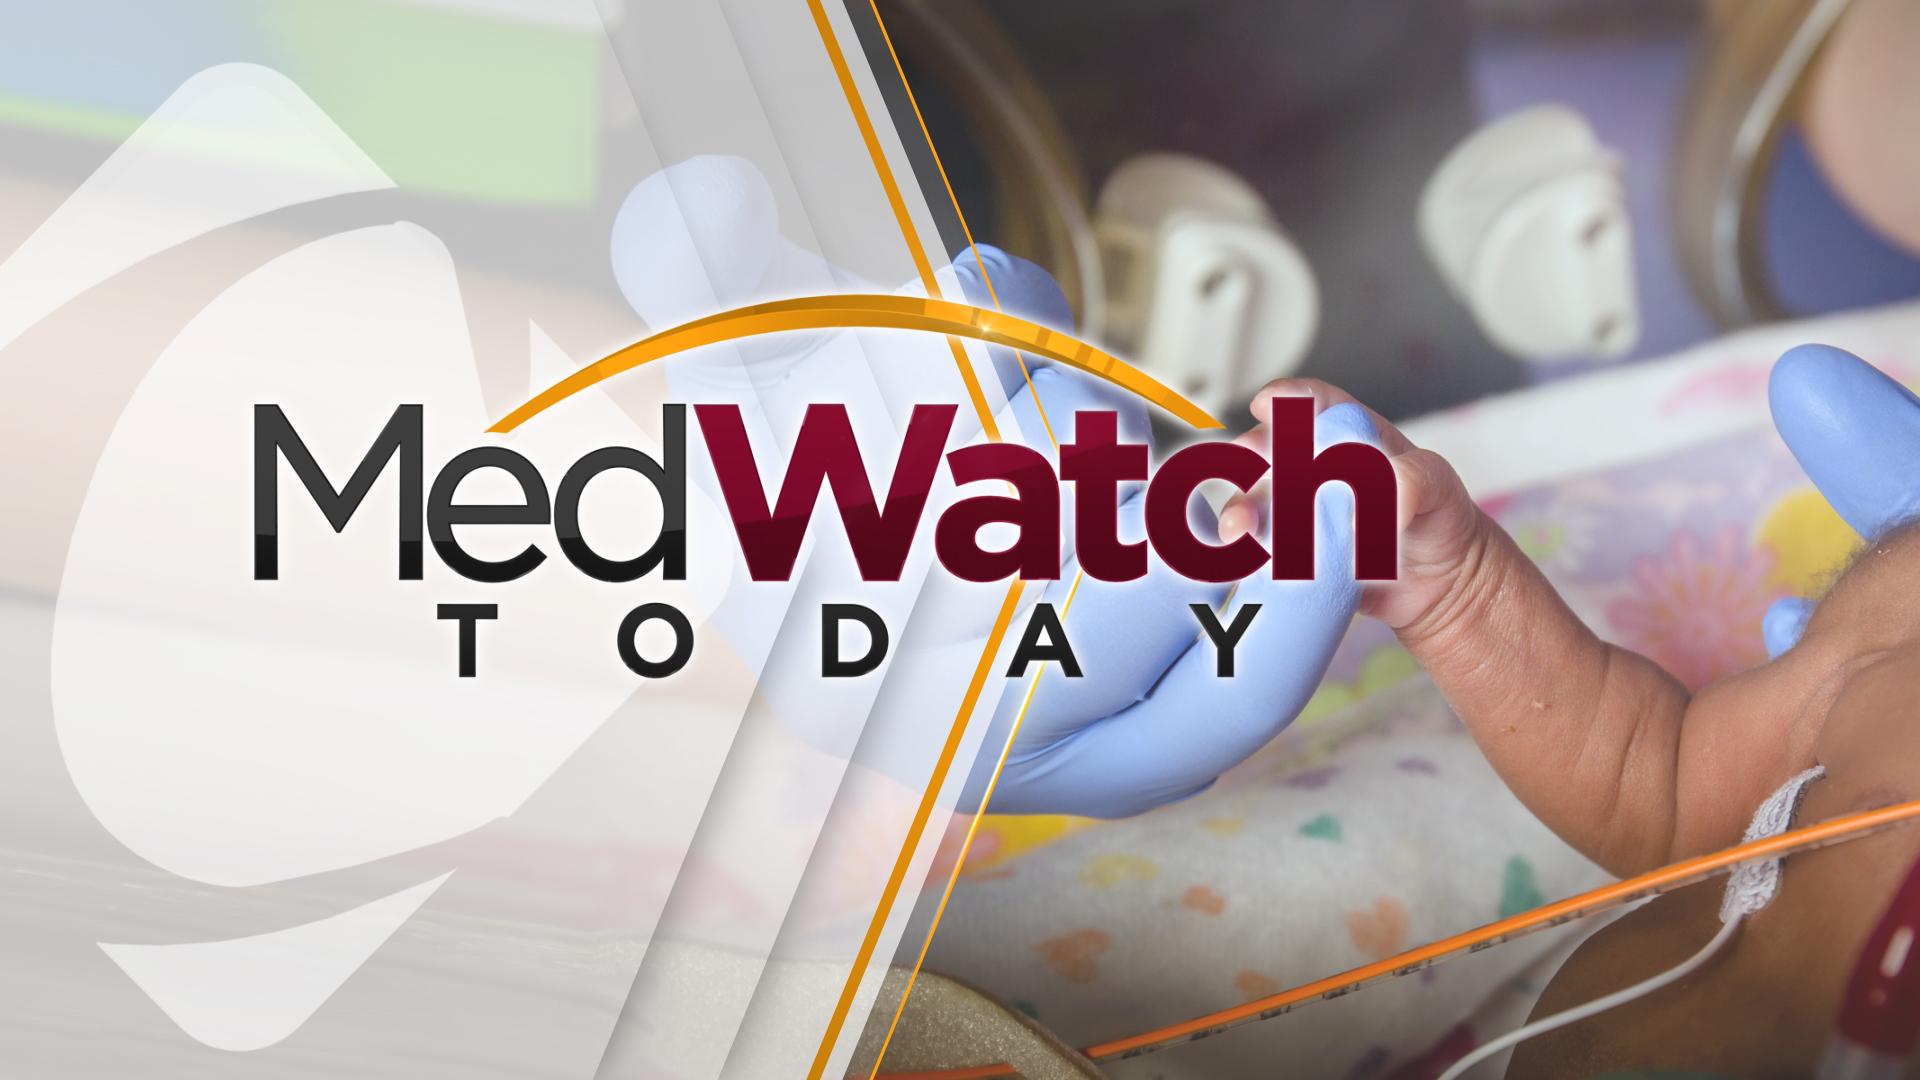 medwatch-today_1521673717616.jpg